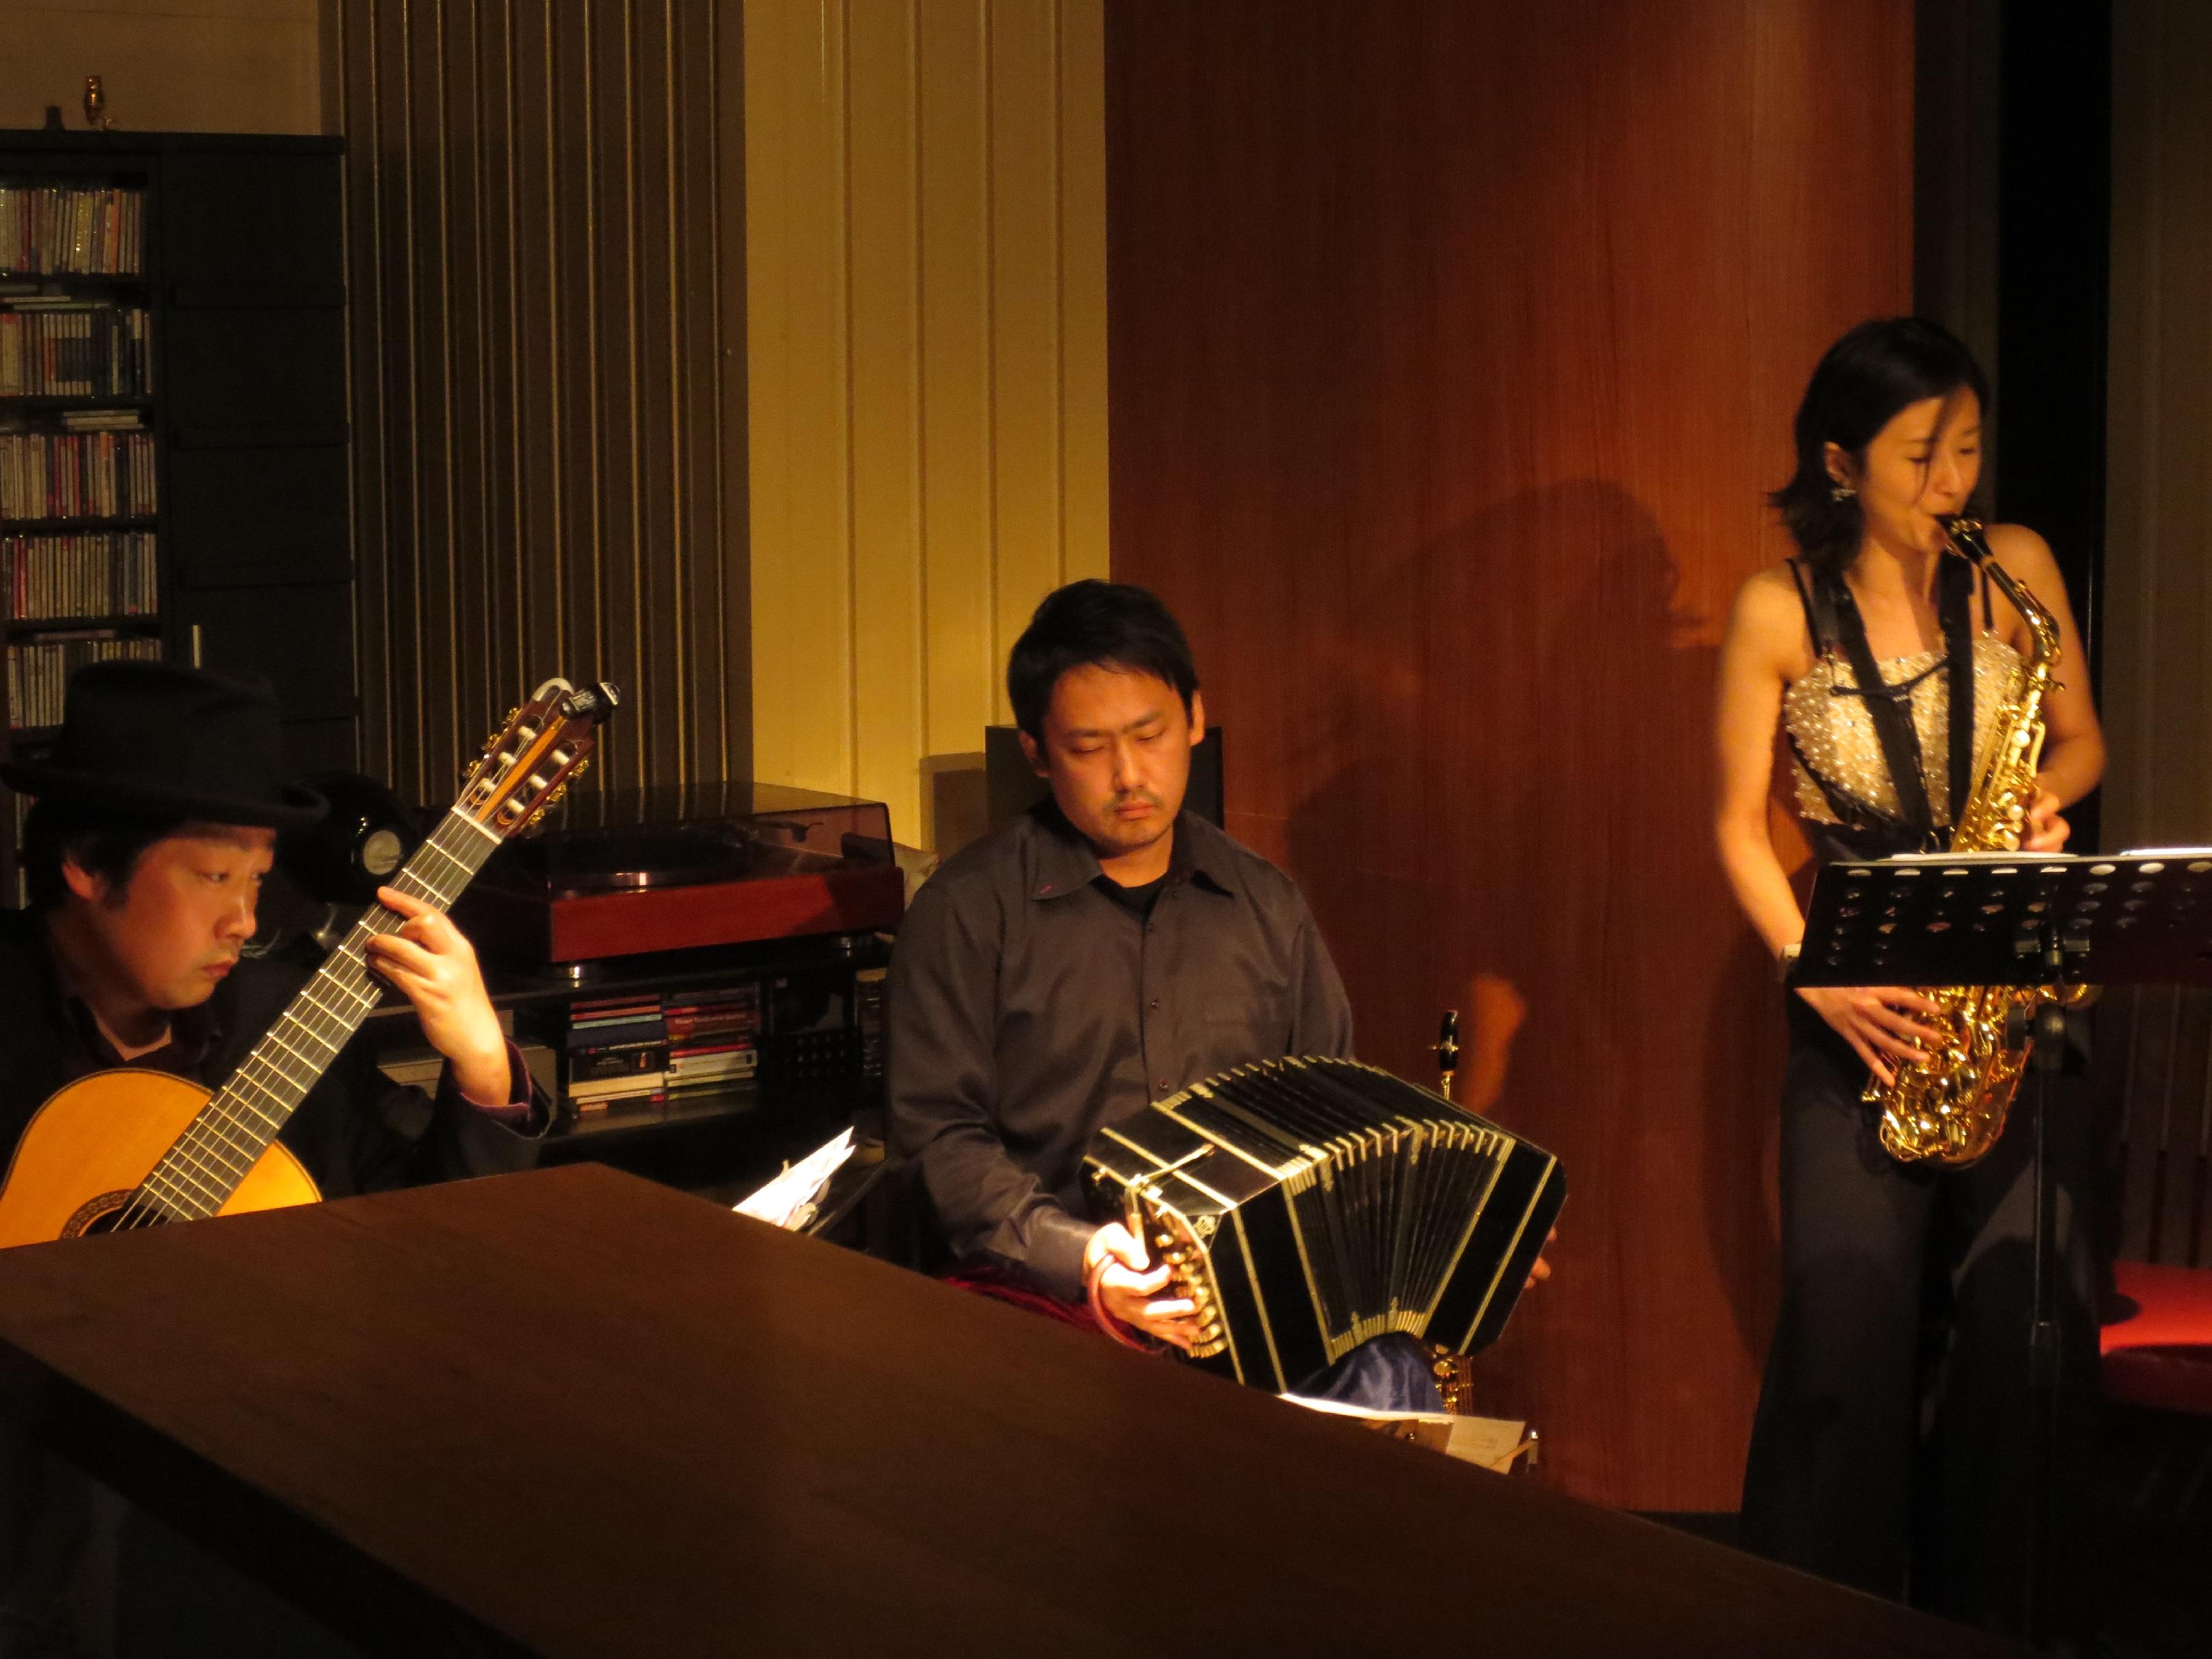 本田千鈴(ソプラノサックス) 星野俊路(バンドネオン)、米阪隆広(ギター) 会場:カフェプレリュード